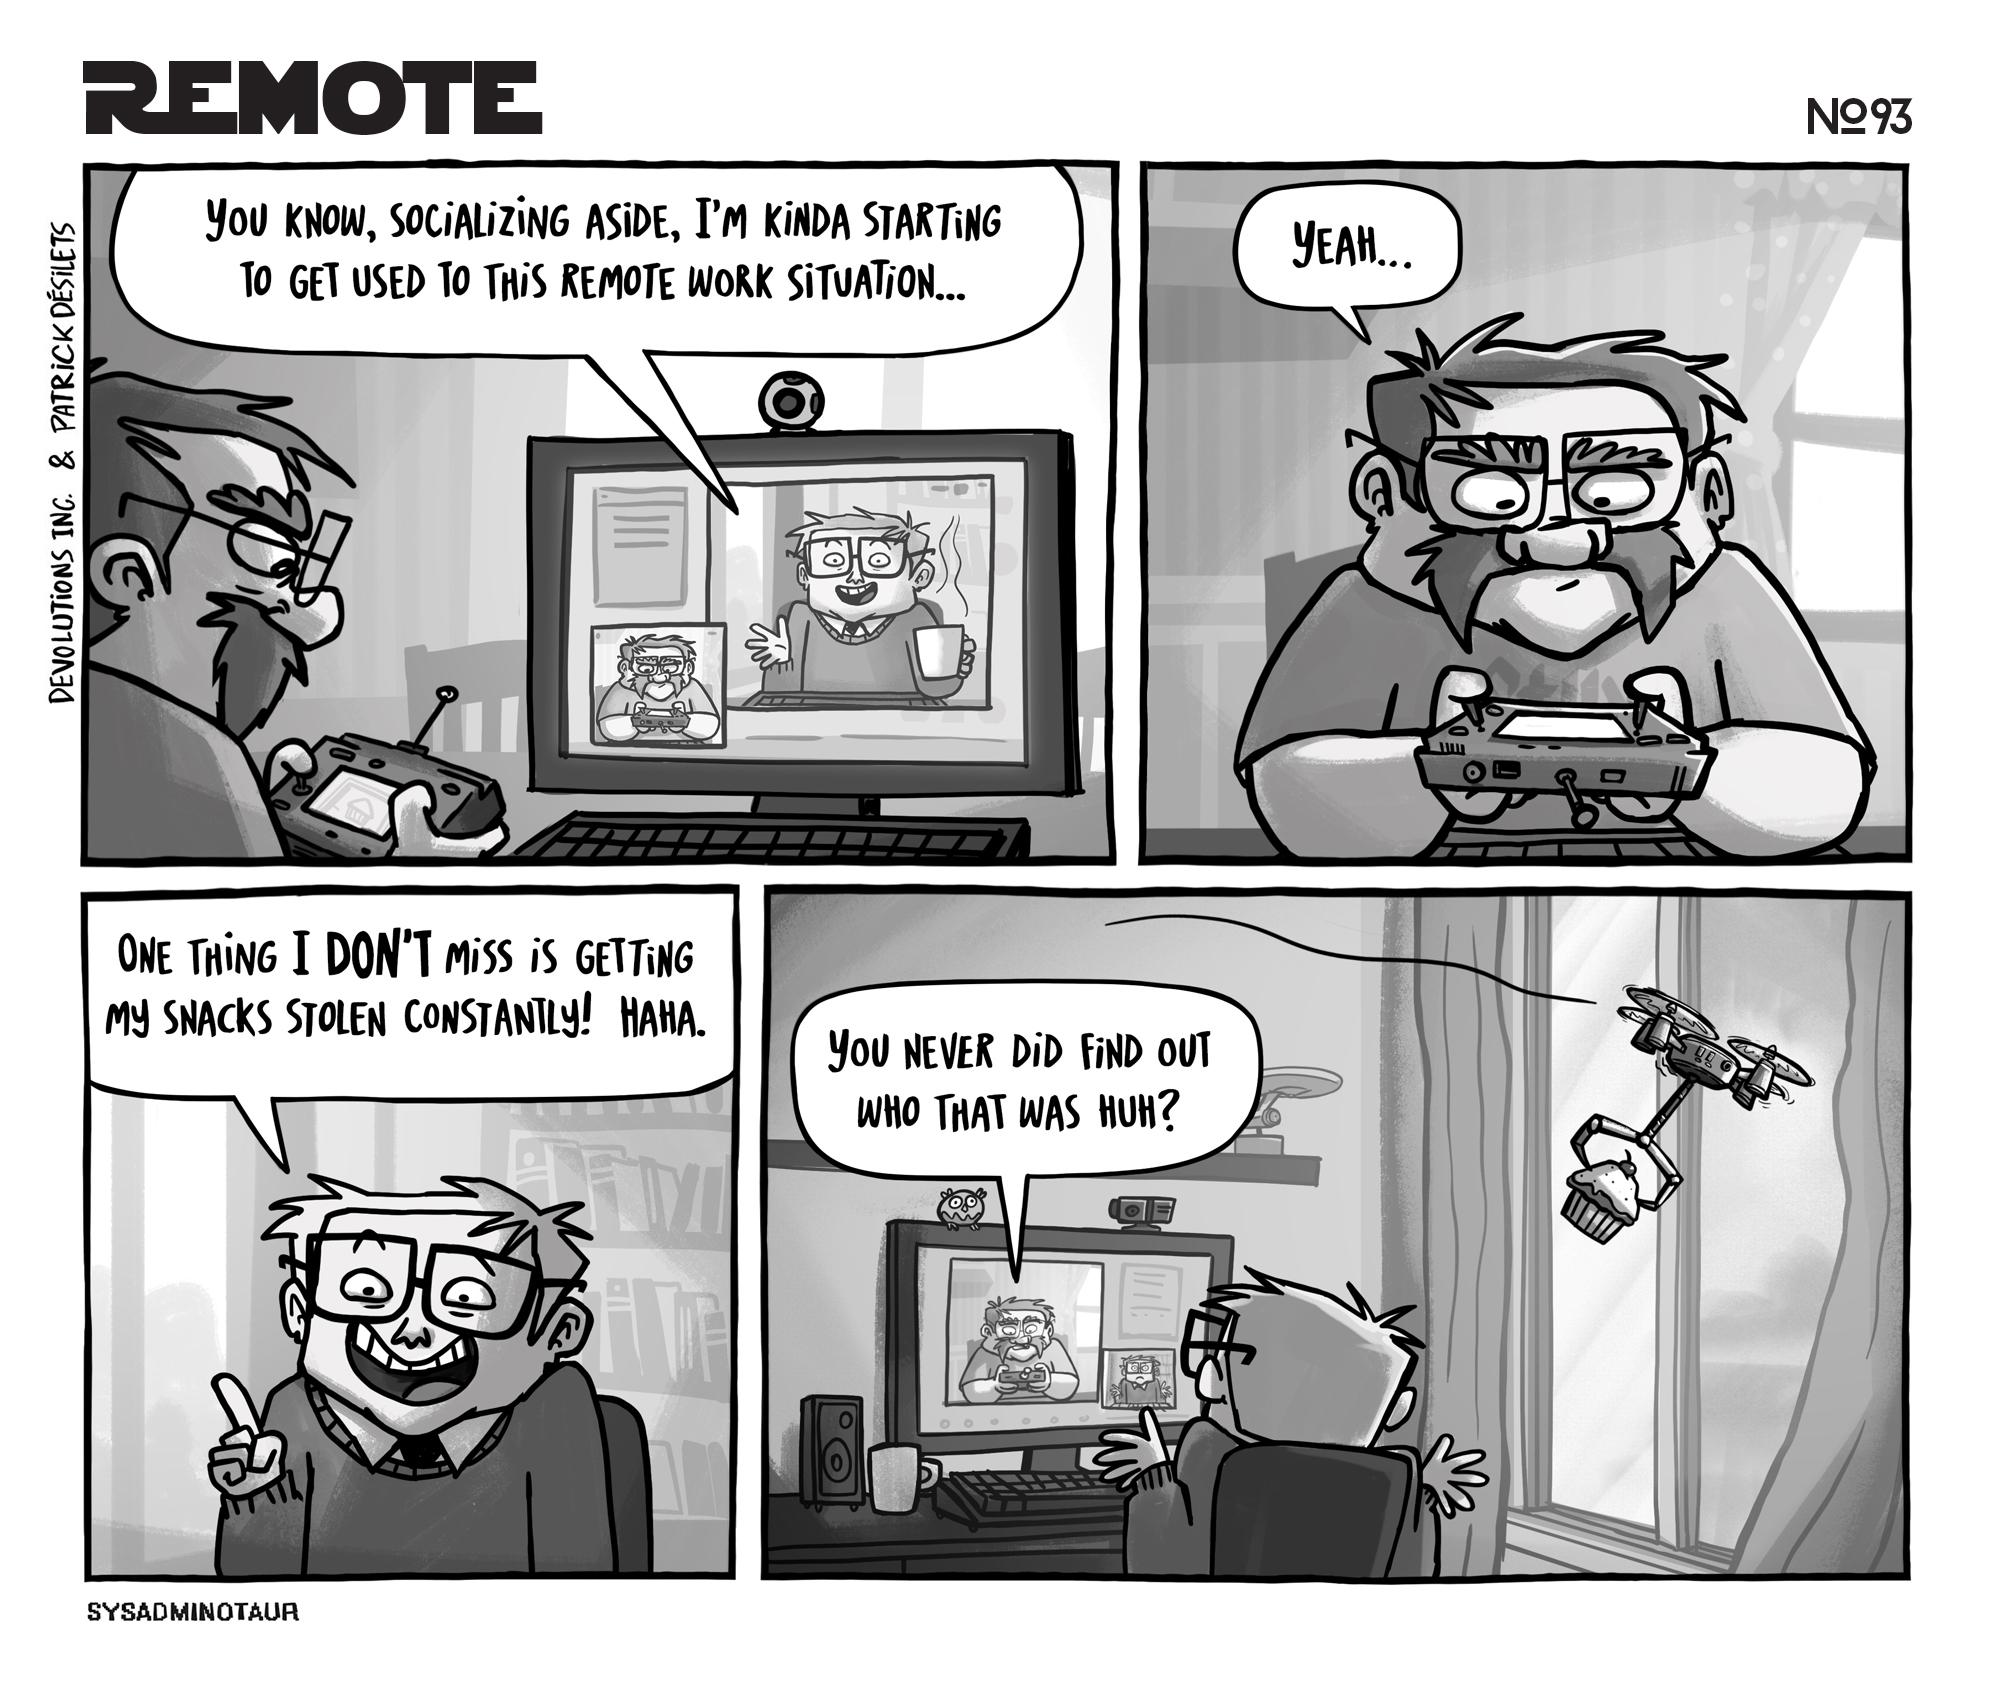 sysadminotaur-093-remote